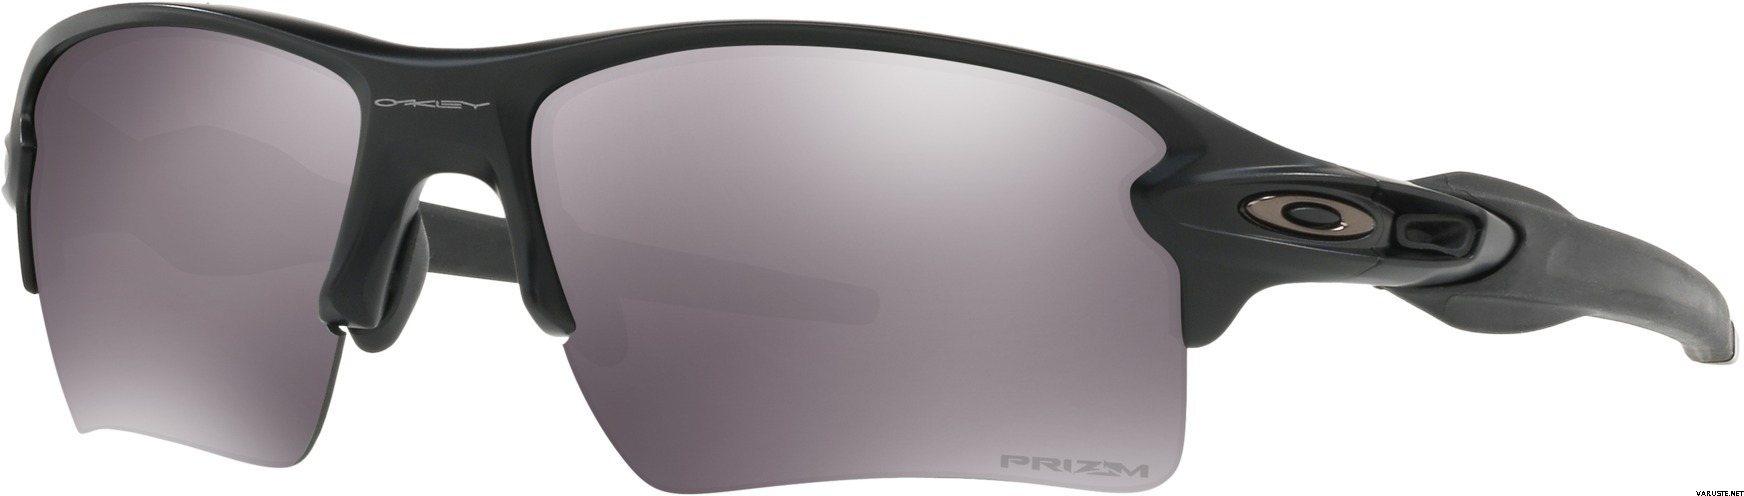 0c011f7fb0a Oakley Flak 2.0 XL Matte Black w  Prizm Black Iridium